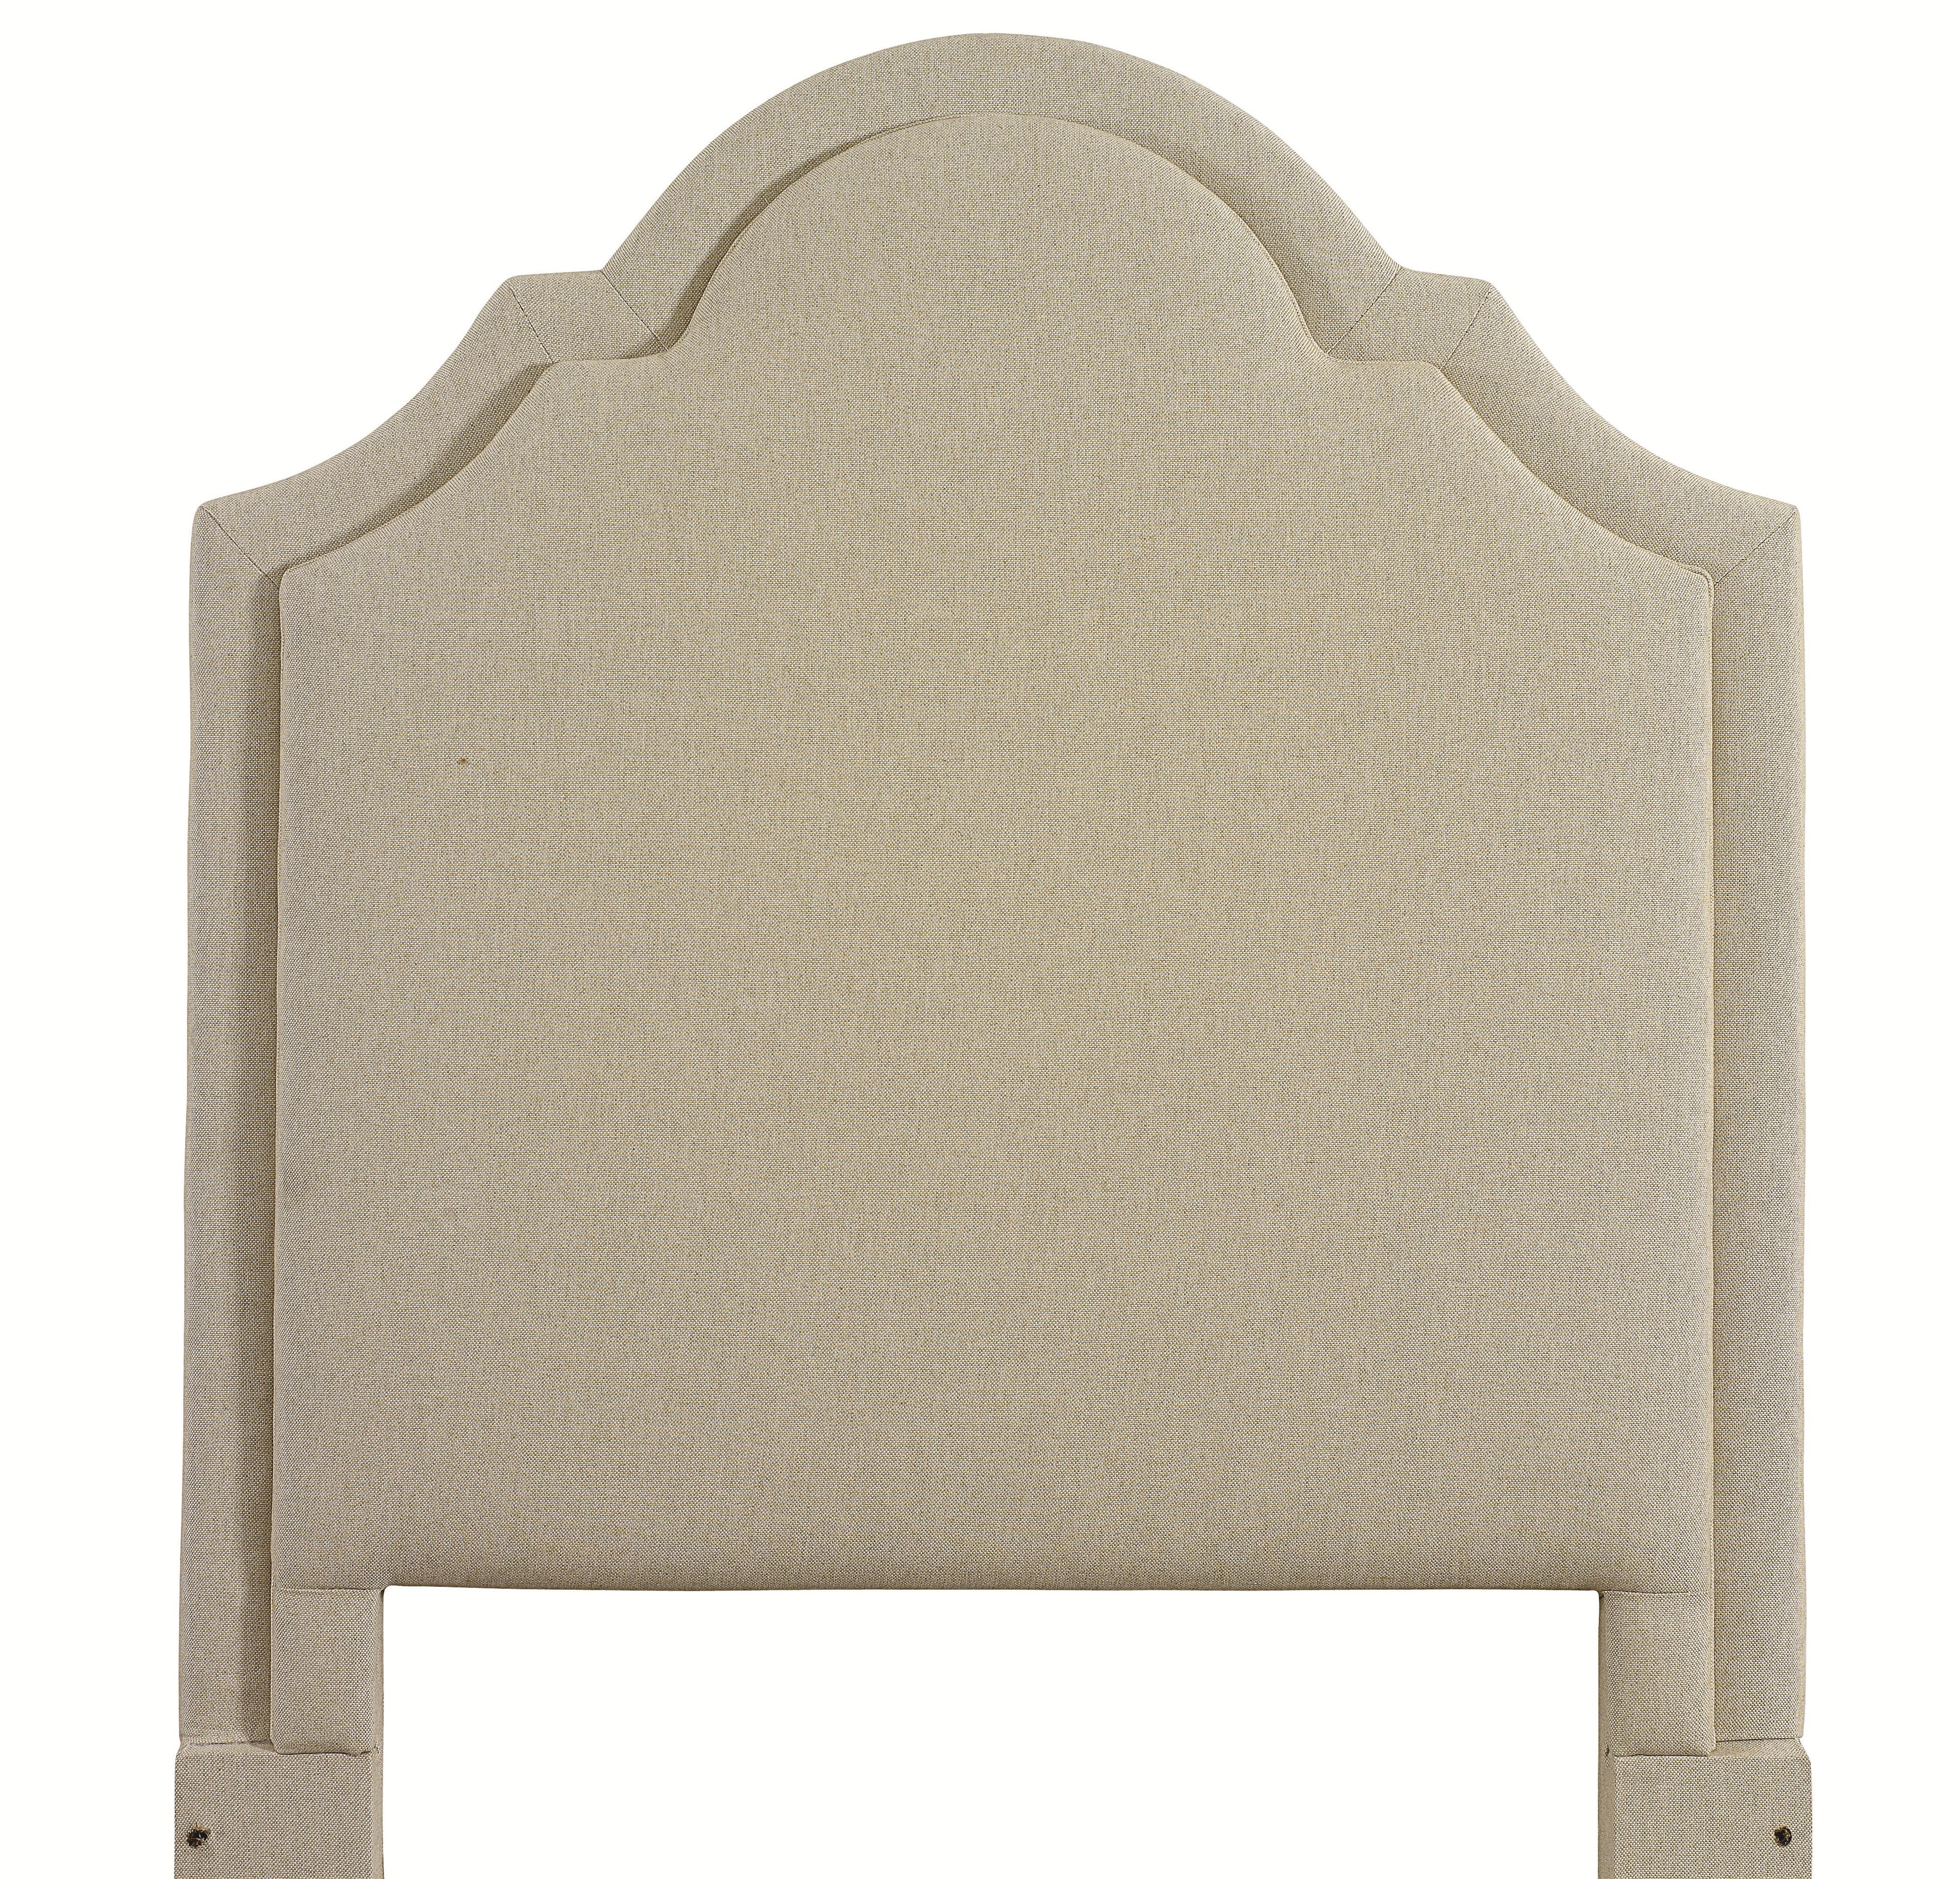 Custom Upholstered Beds Twin Barcelona Upholstered Headboard by Bassett at Bassett of Cool Springs